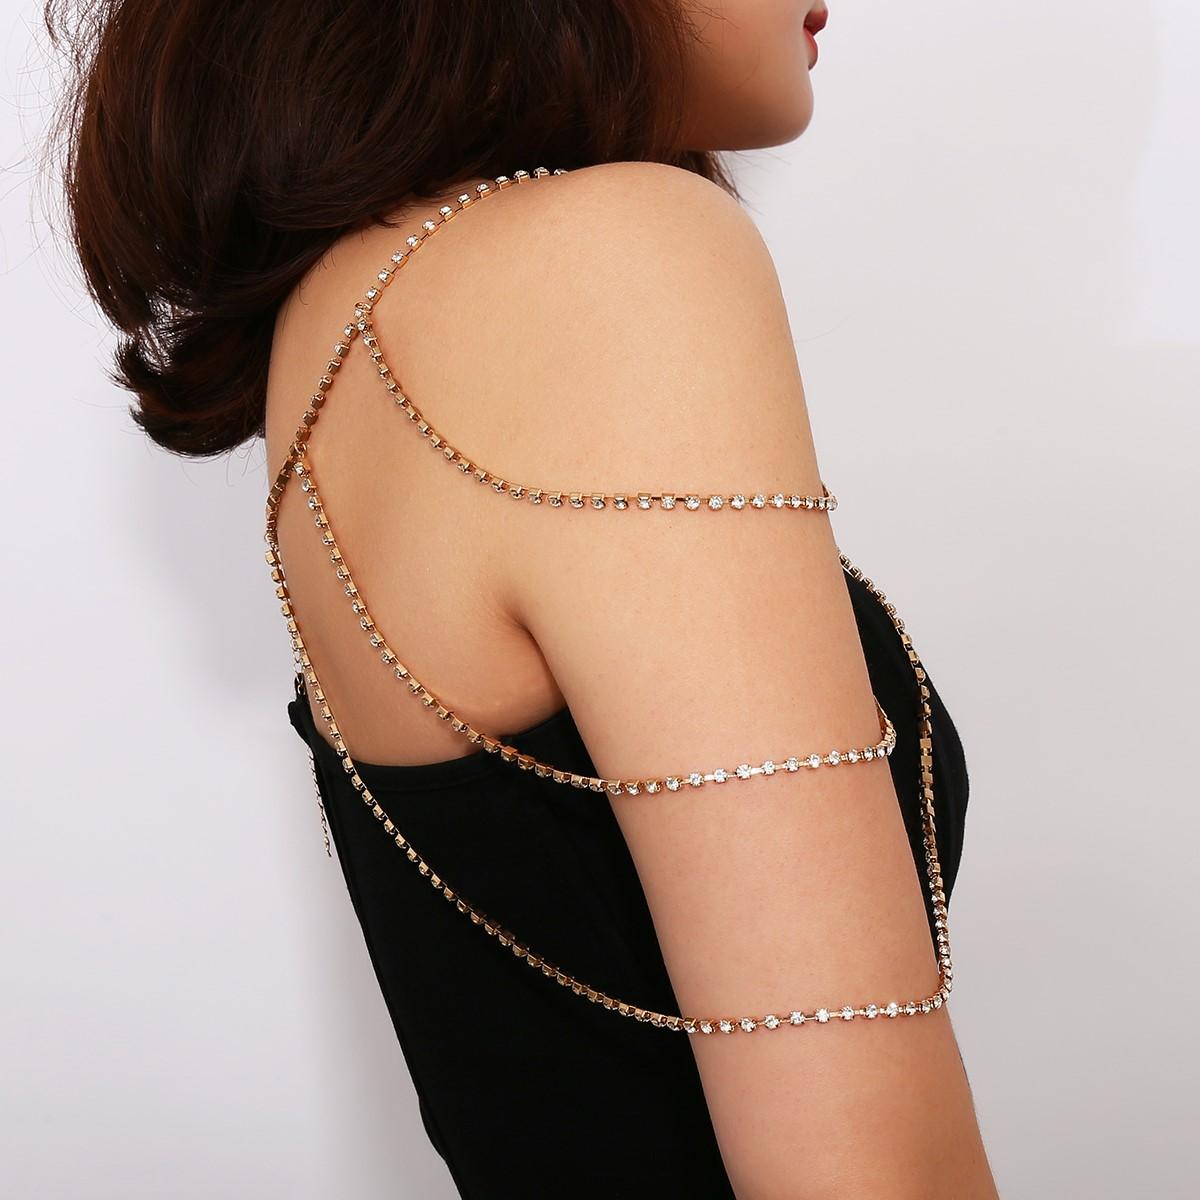 新款镶钻流苏肩链肩链女 欧美时尚水钻多层爪链连衣裙链子配饰品